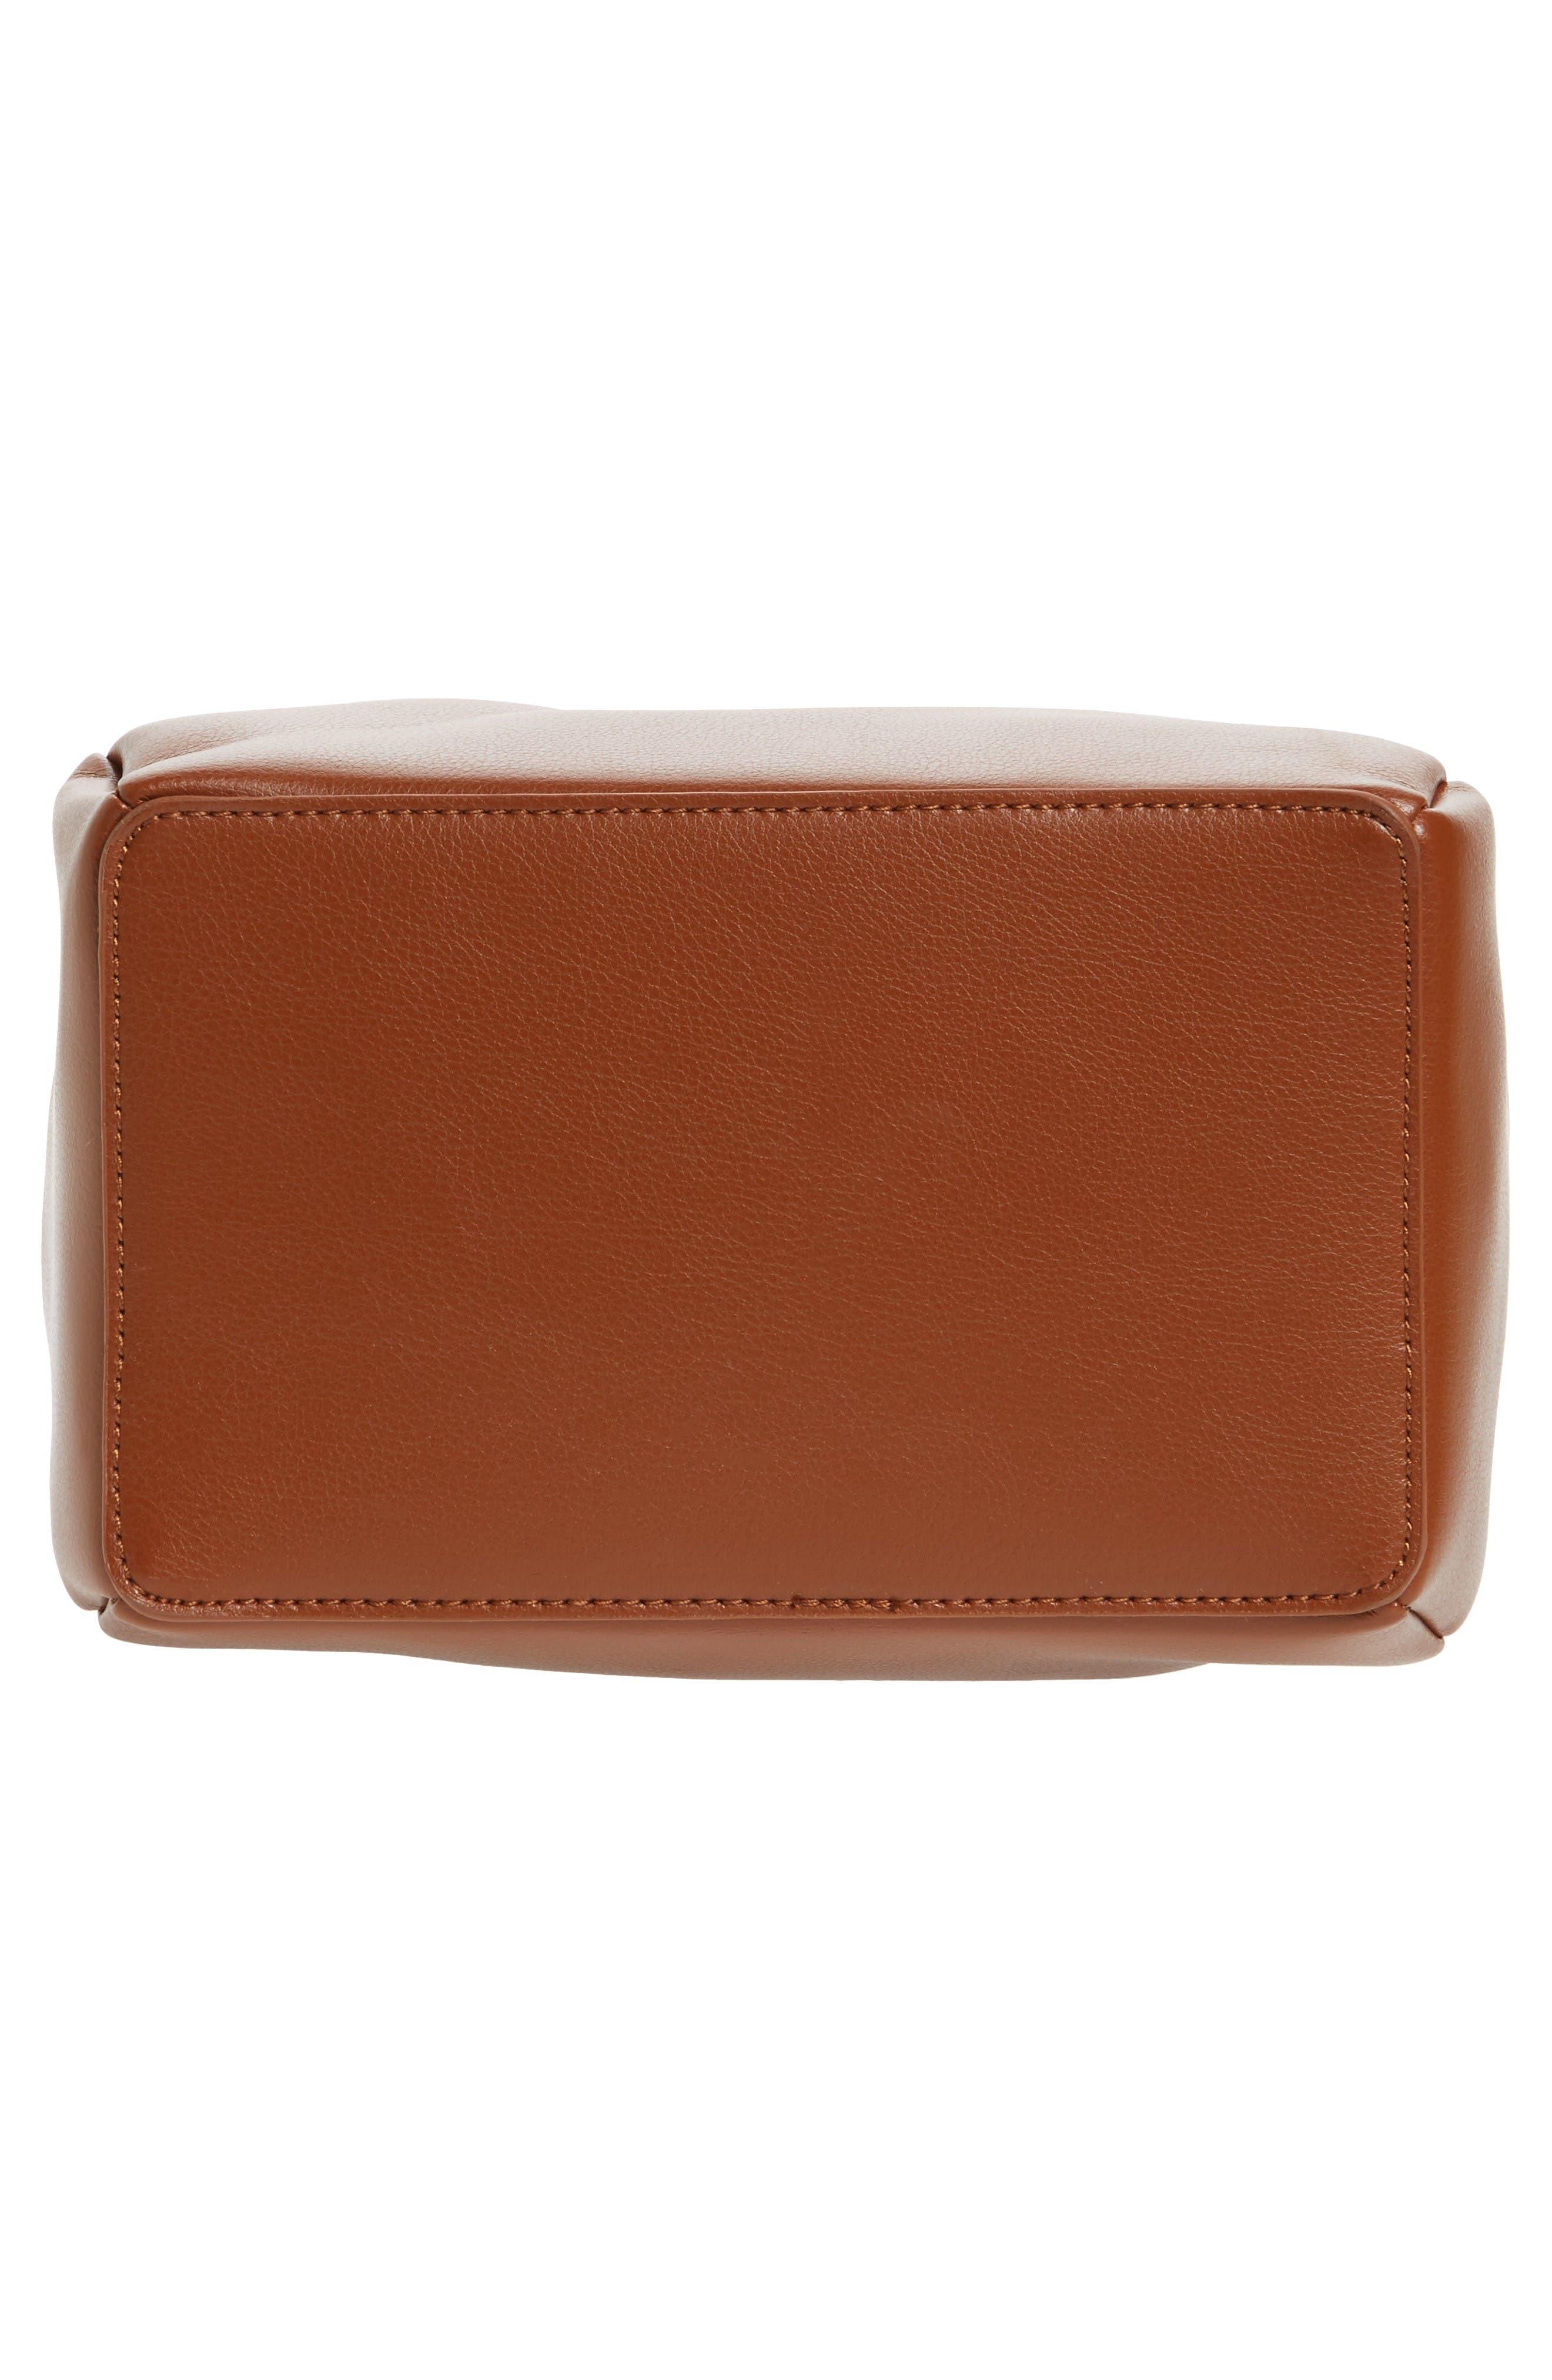 Dahlia Faux Leather Bucket Bag,                             Alternate thumbnail 6, color,                             Cognac